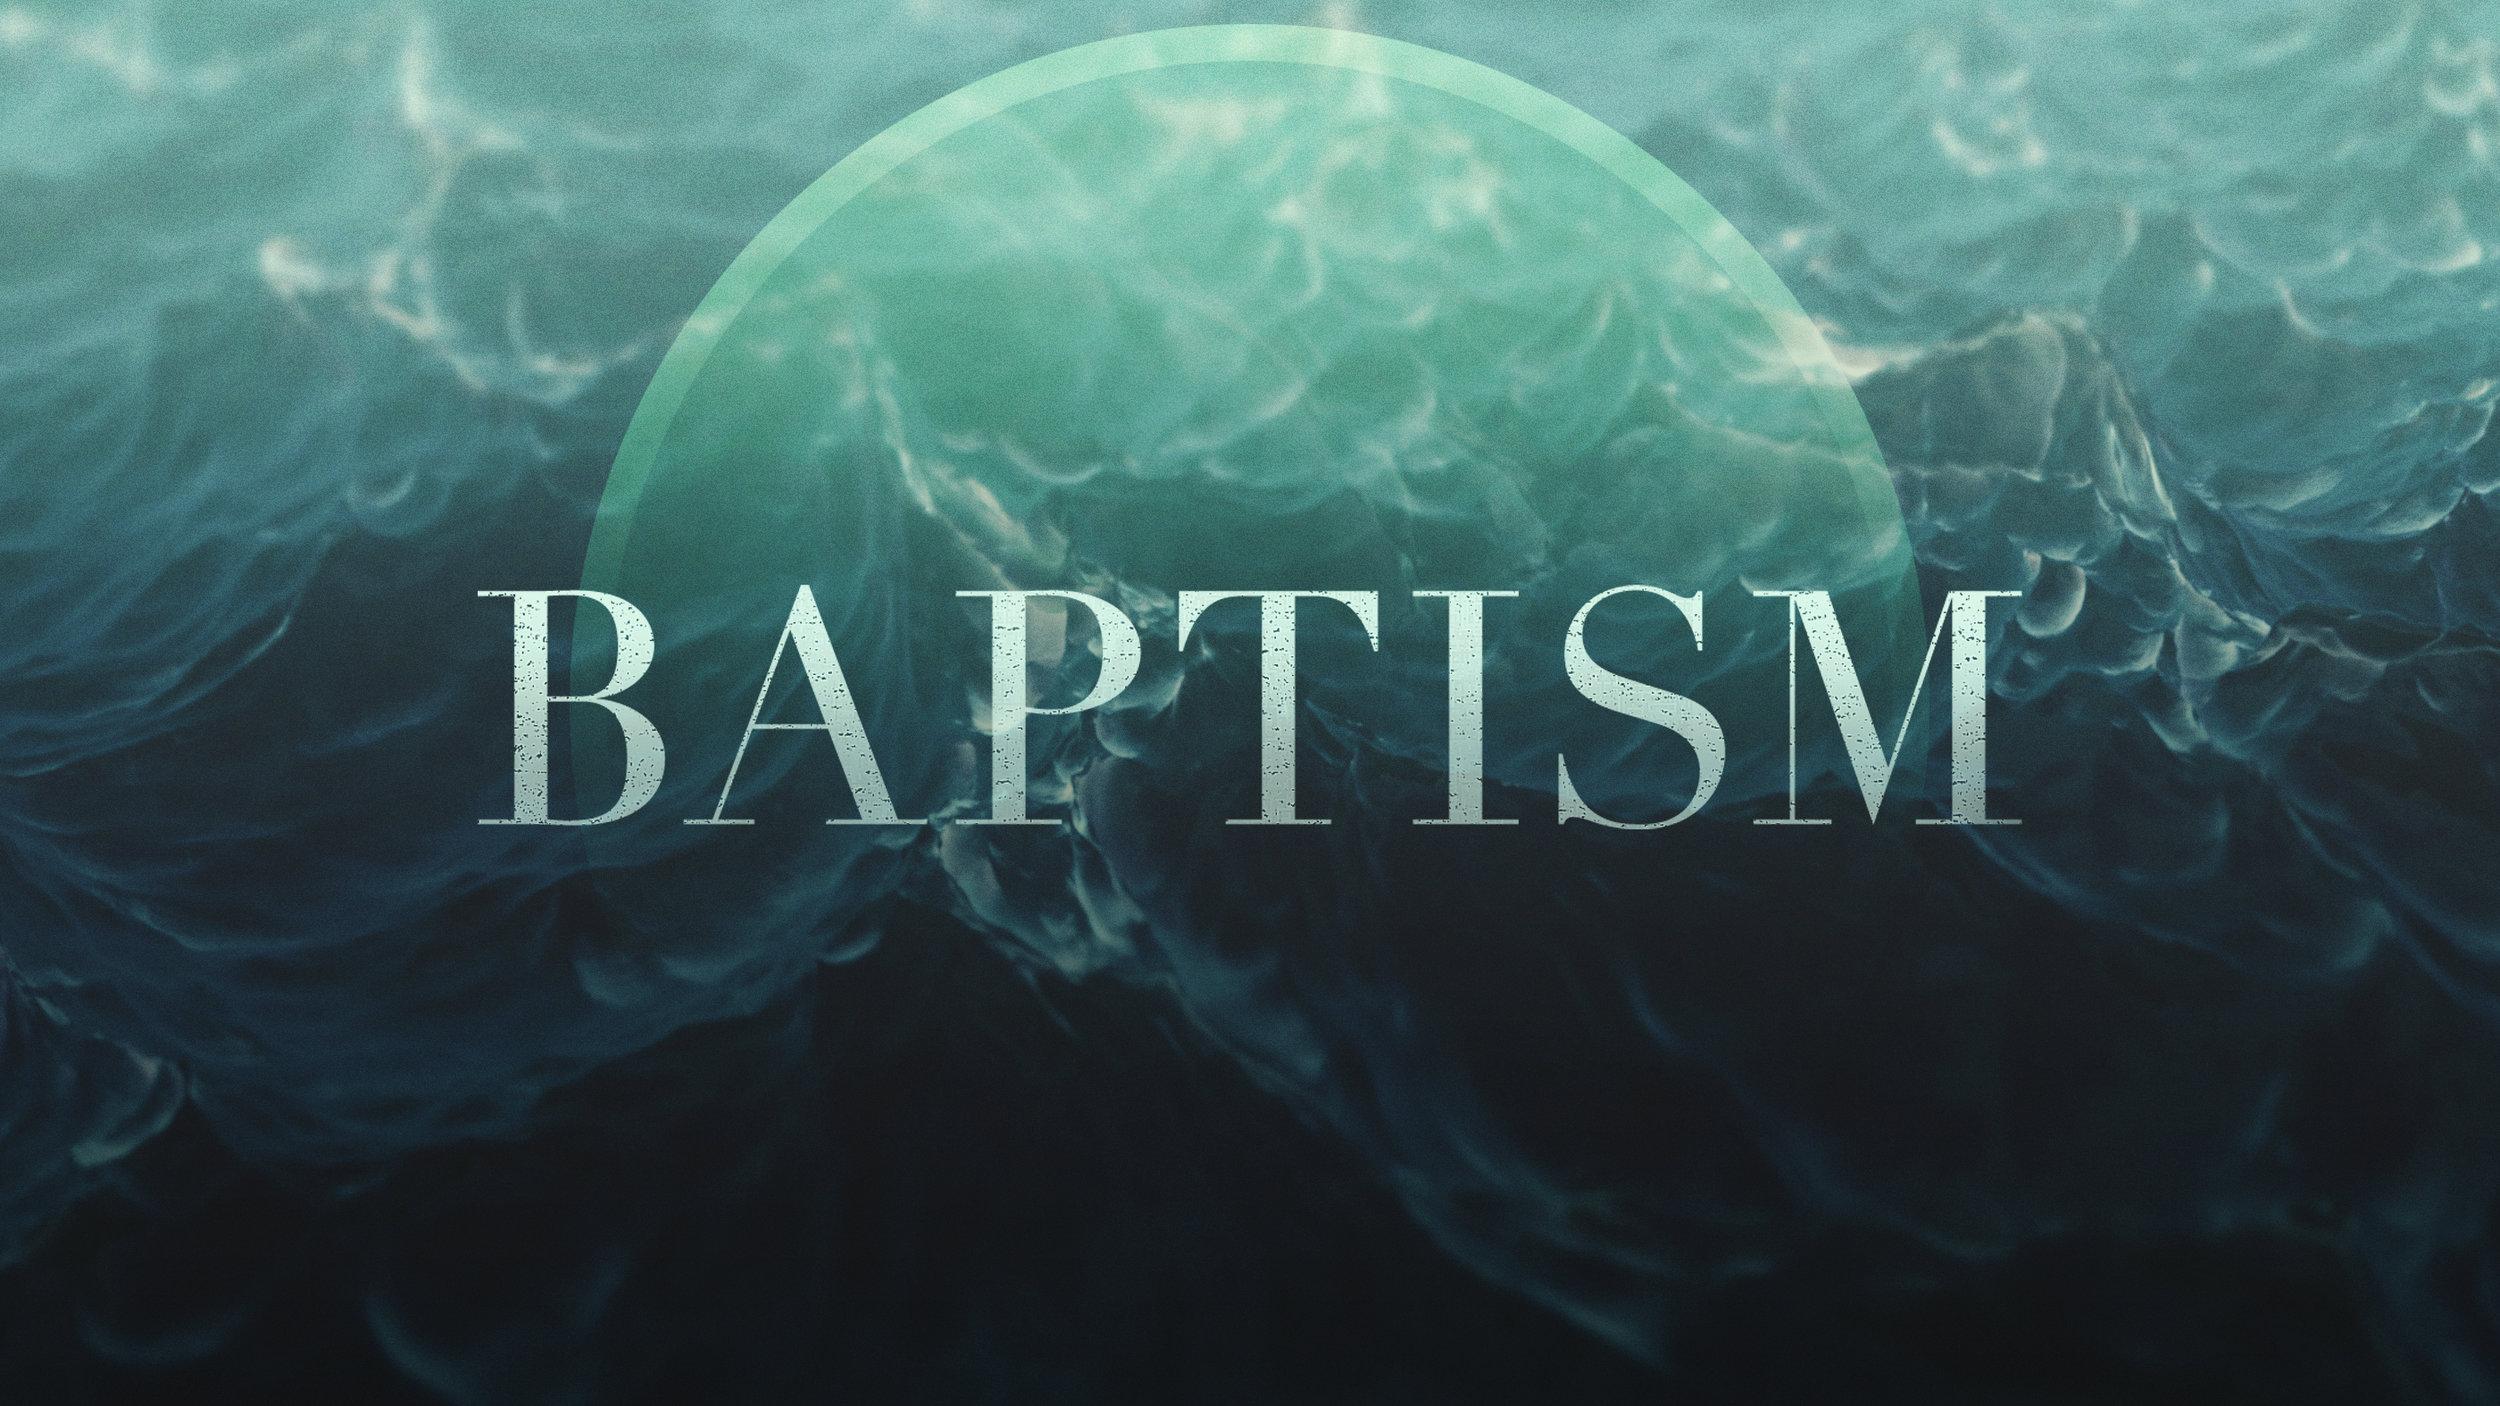 baptism_waves_baptism-PSD.jpg